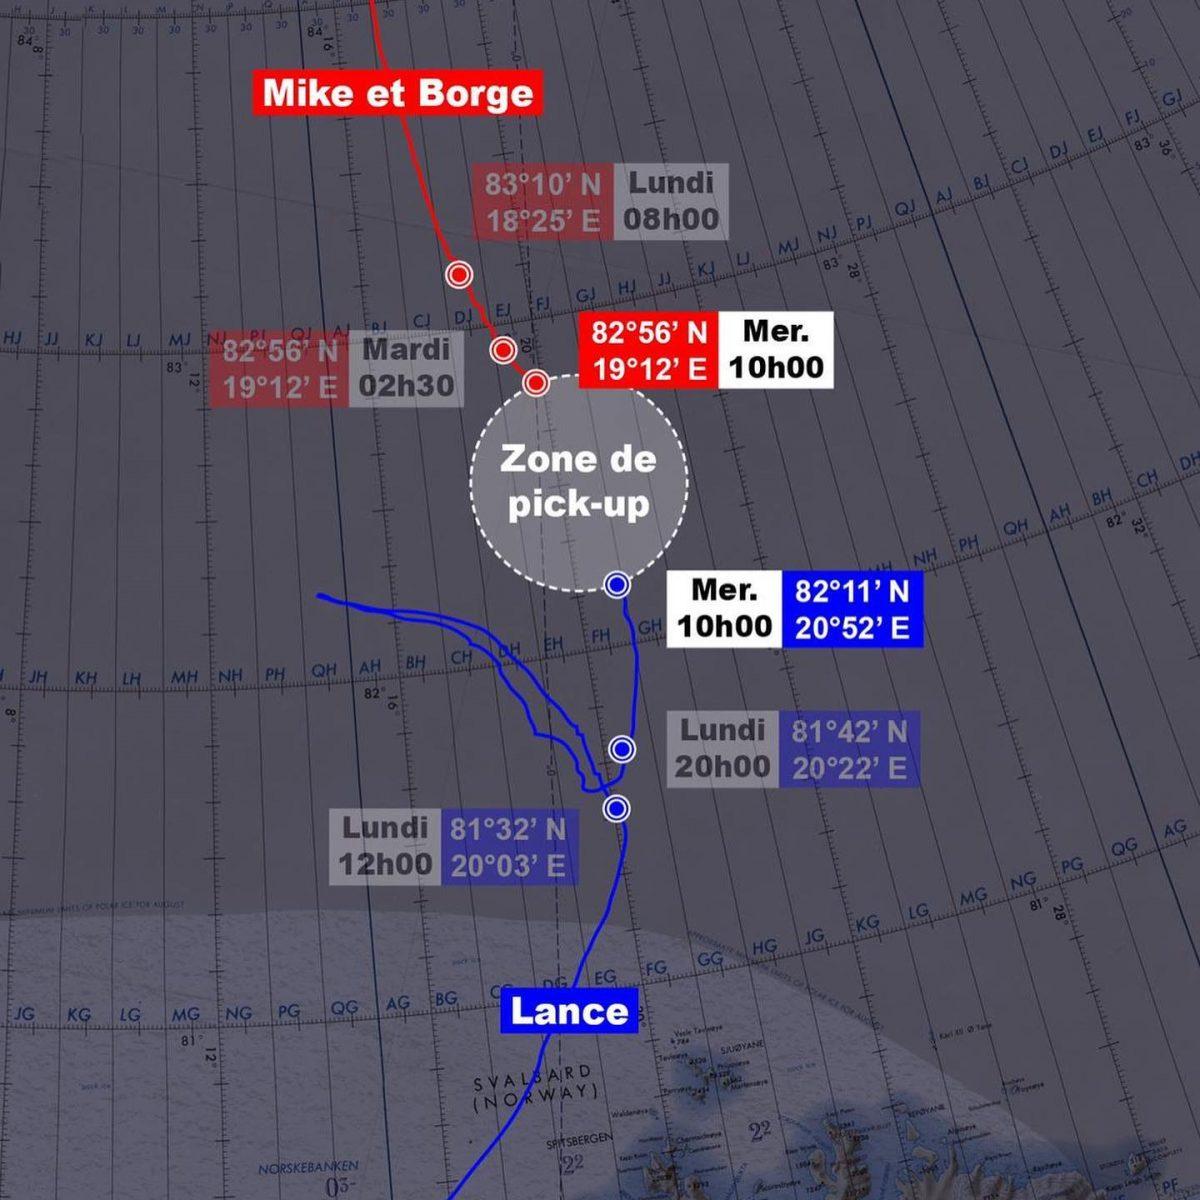 Zone de pick-up de l'expedition Pole 2 Pole